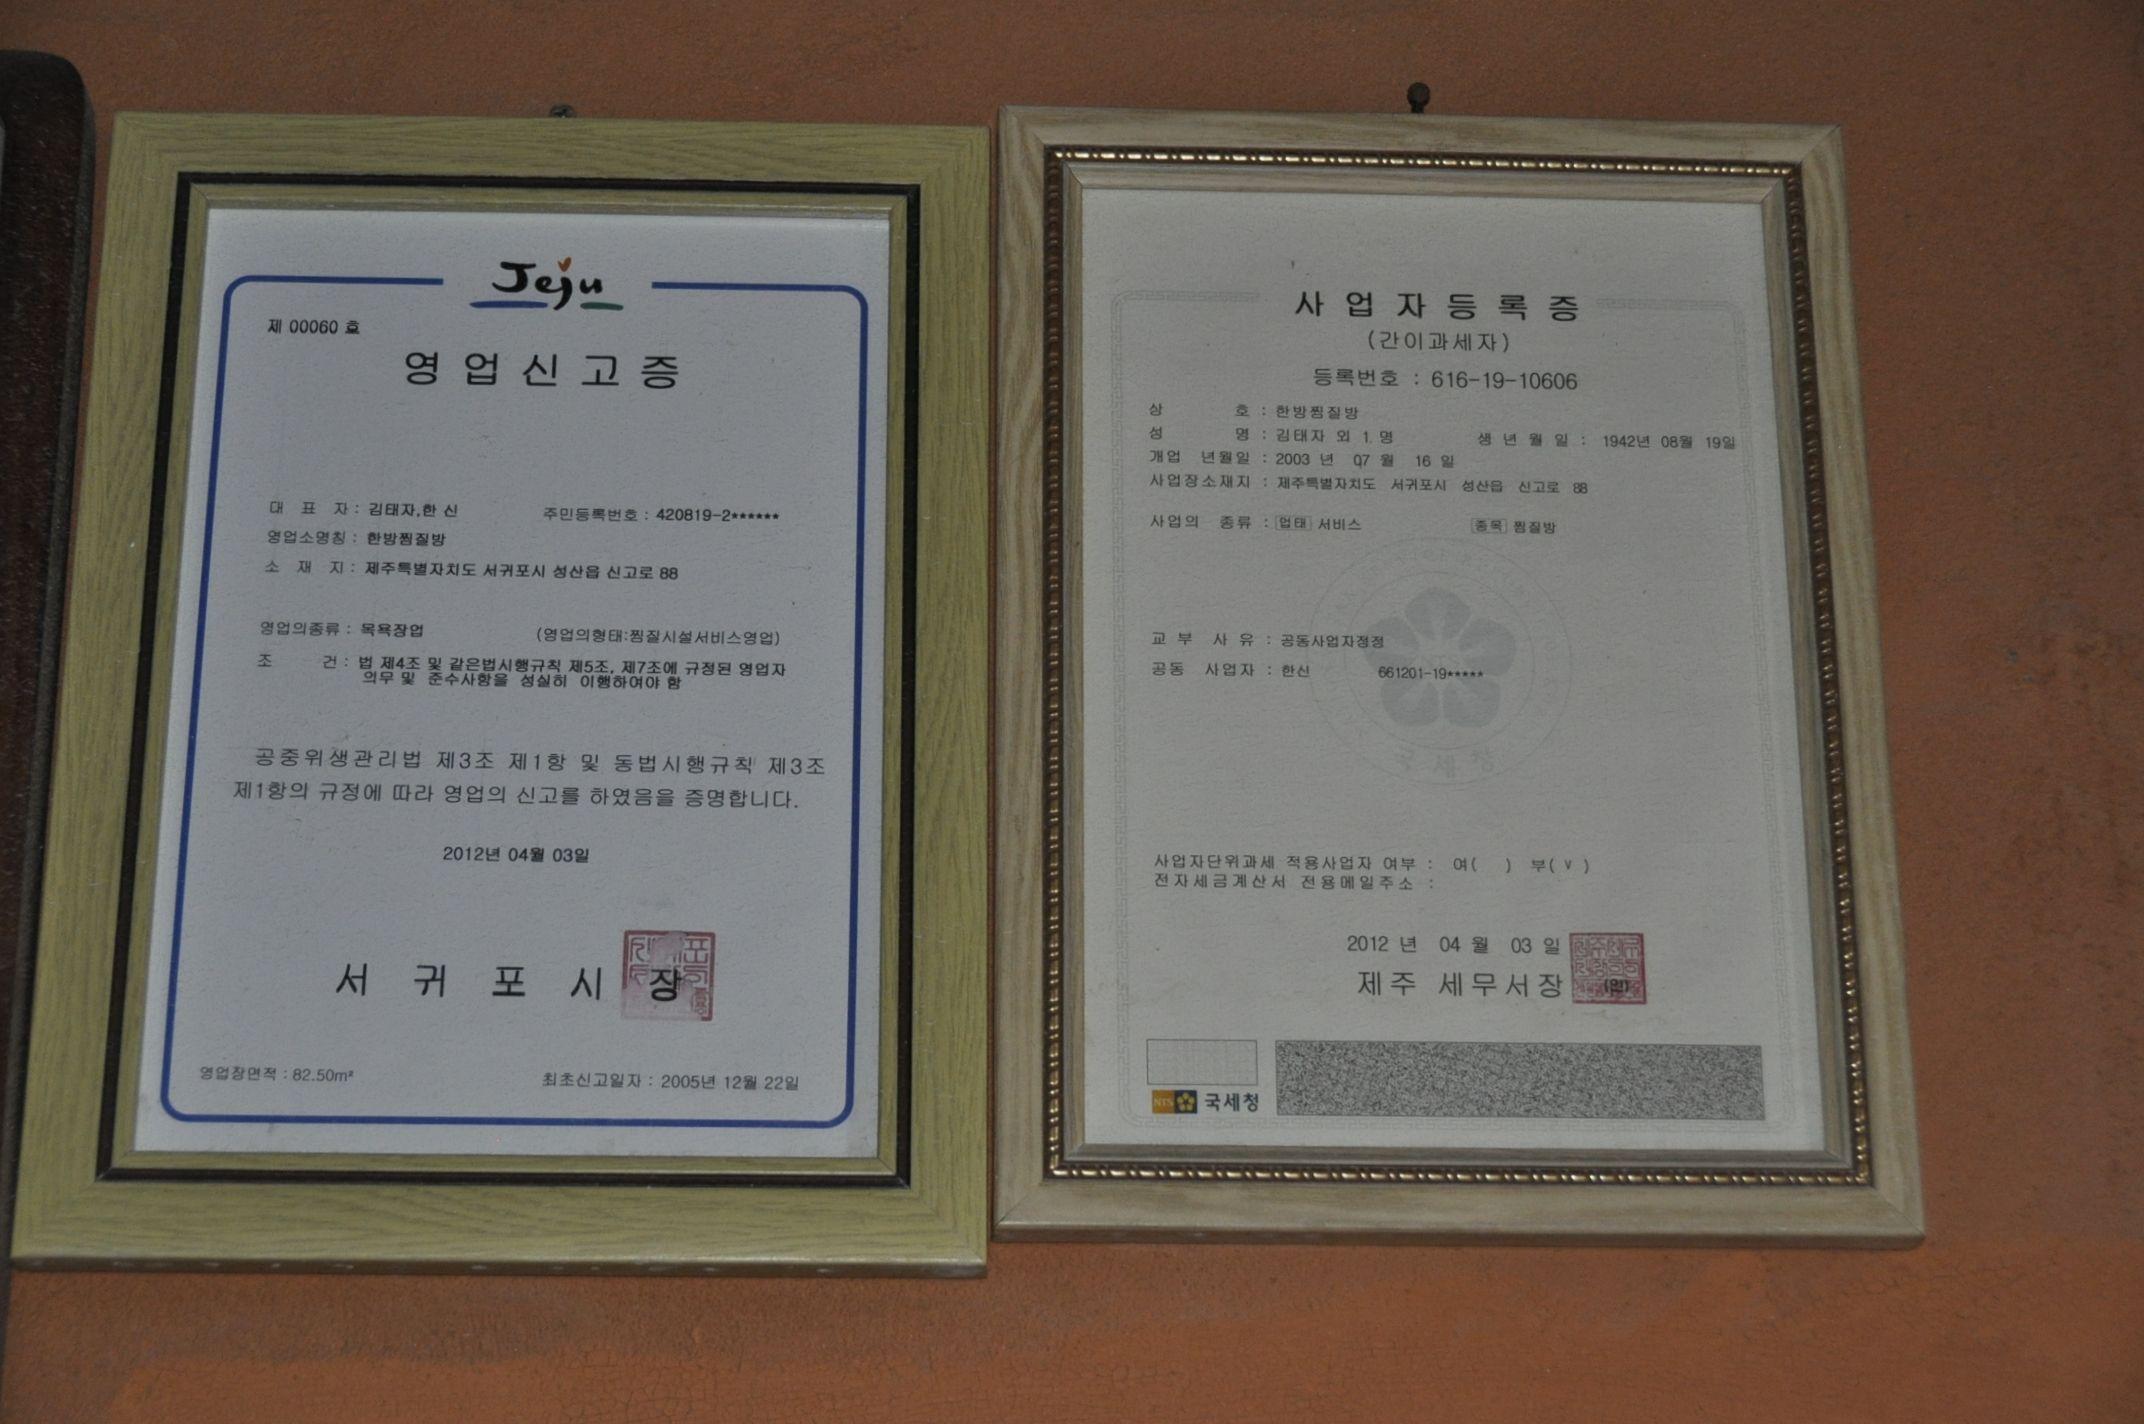 남쪽에서 가장 작은 찜질방 제주도 성산포에 있는 한방찜질방 사업자는 73세 소녀 김태수할머니 20130715 소녀